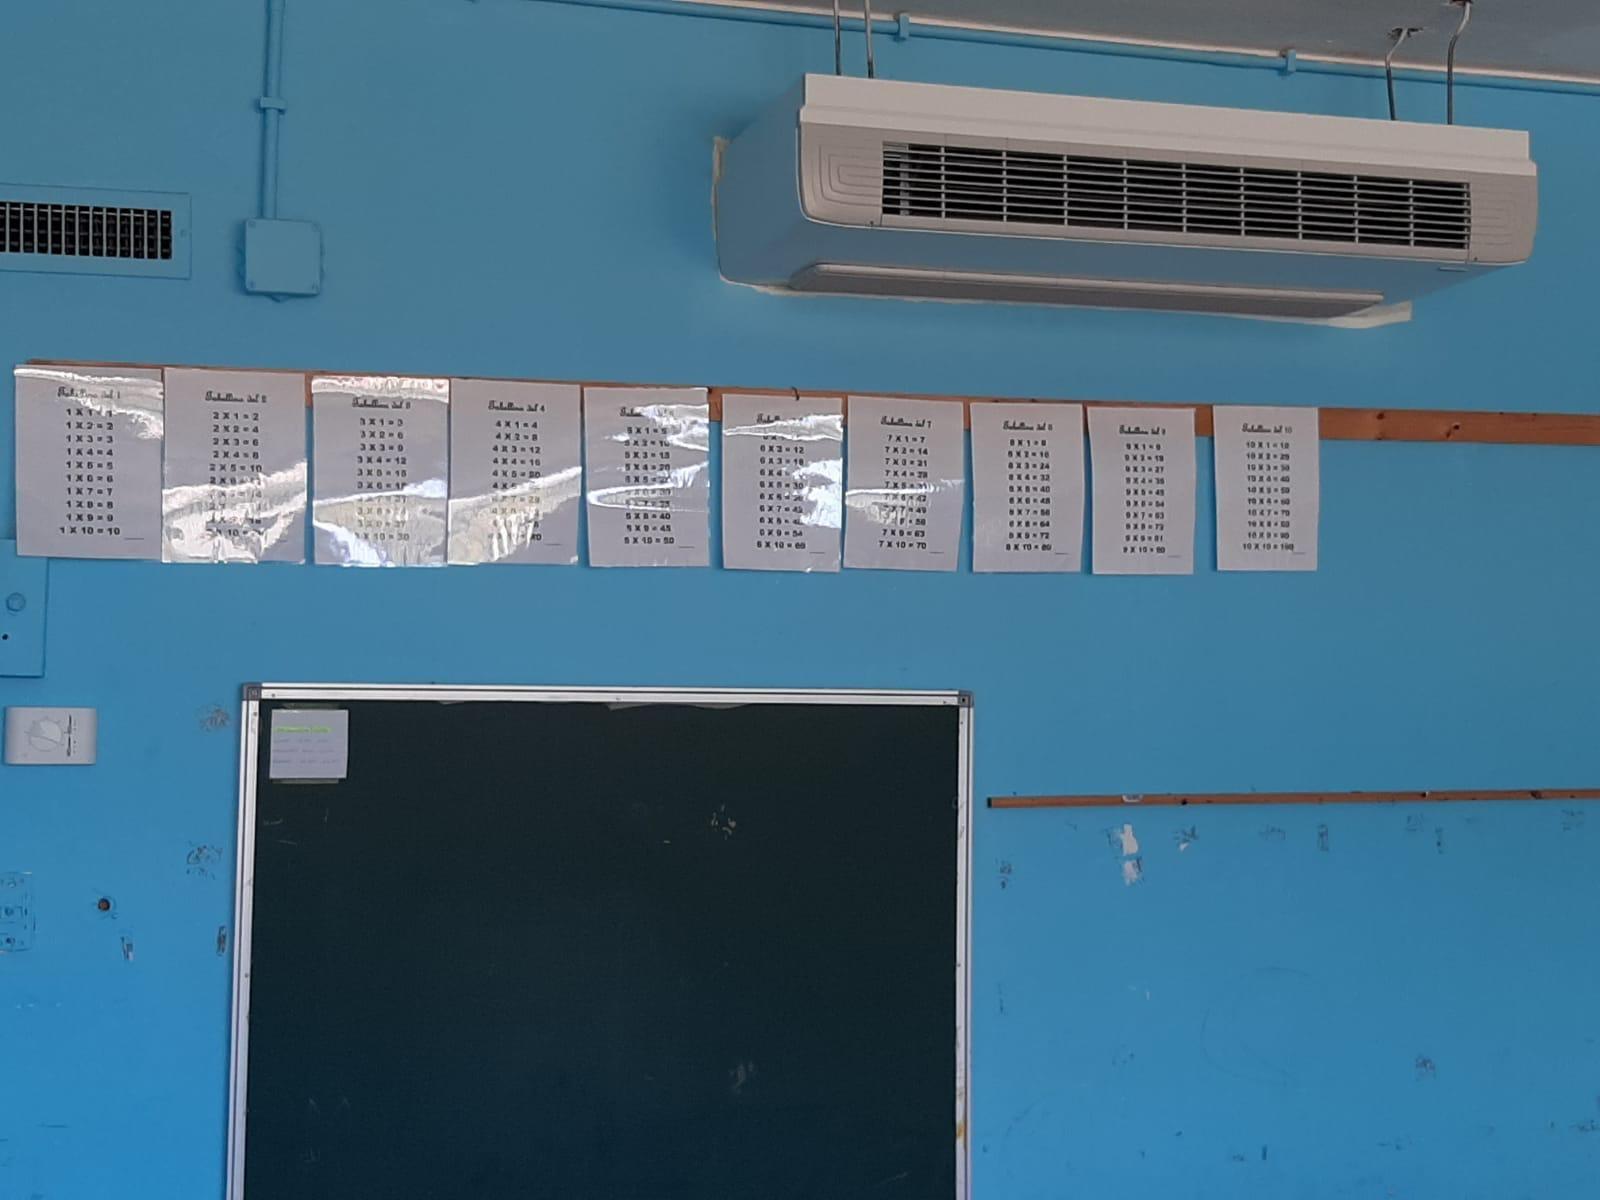 Istituto comprensivo Falcone, ultimati i lavori all'impianto di riscaldamento